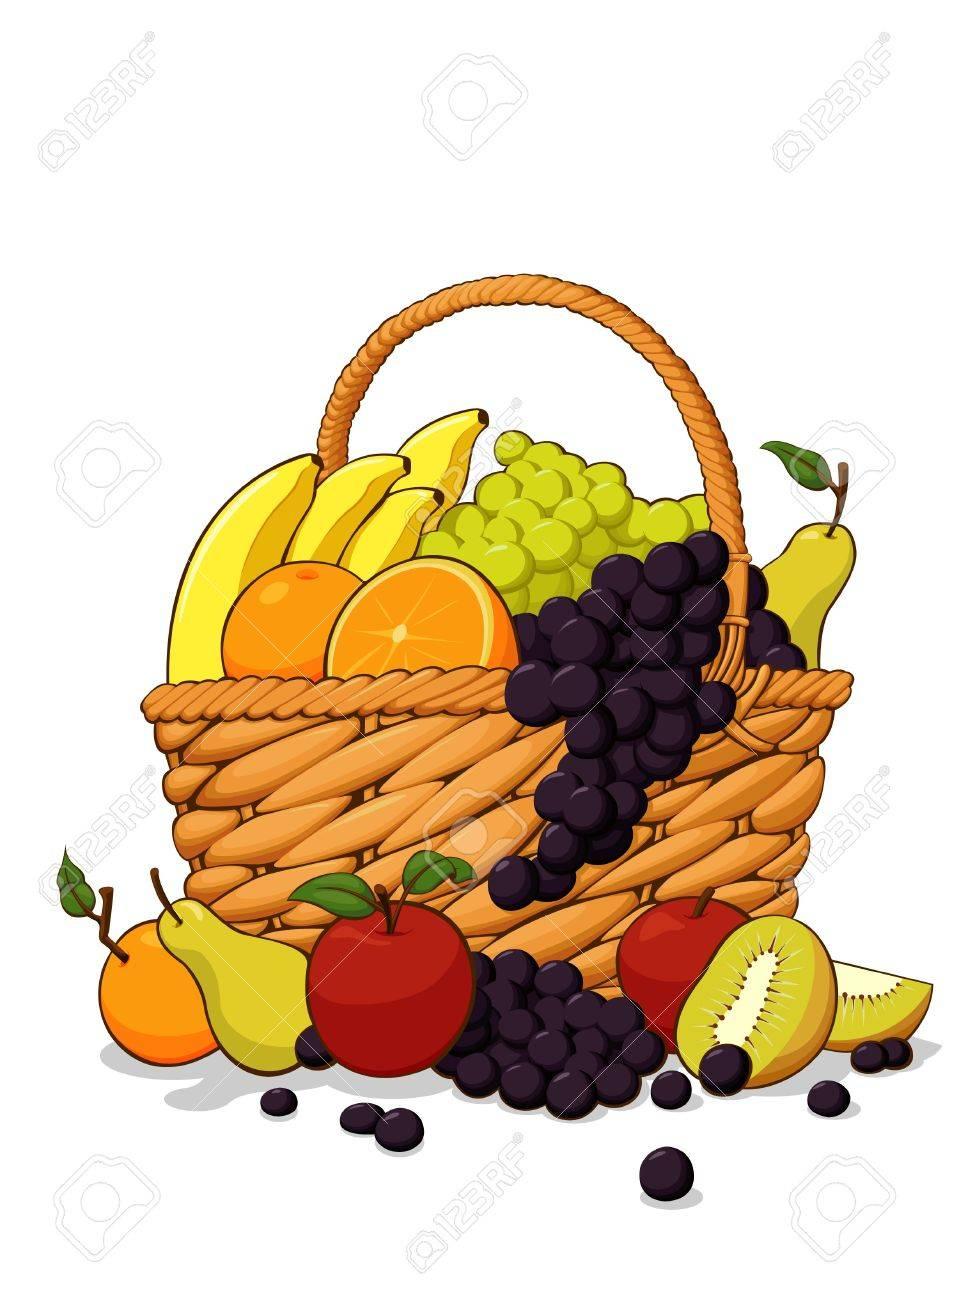 Vettoriale Varieta Di Frutta Fresca In Cestino Di Legno Image